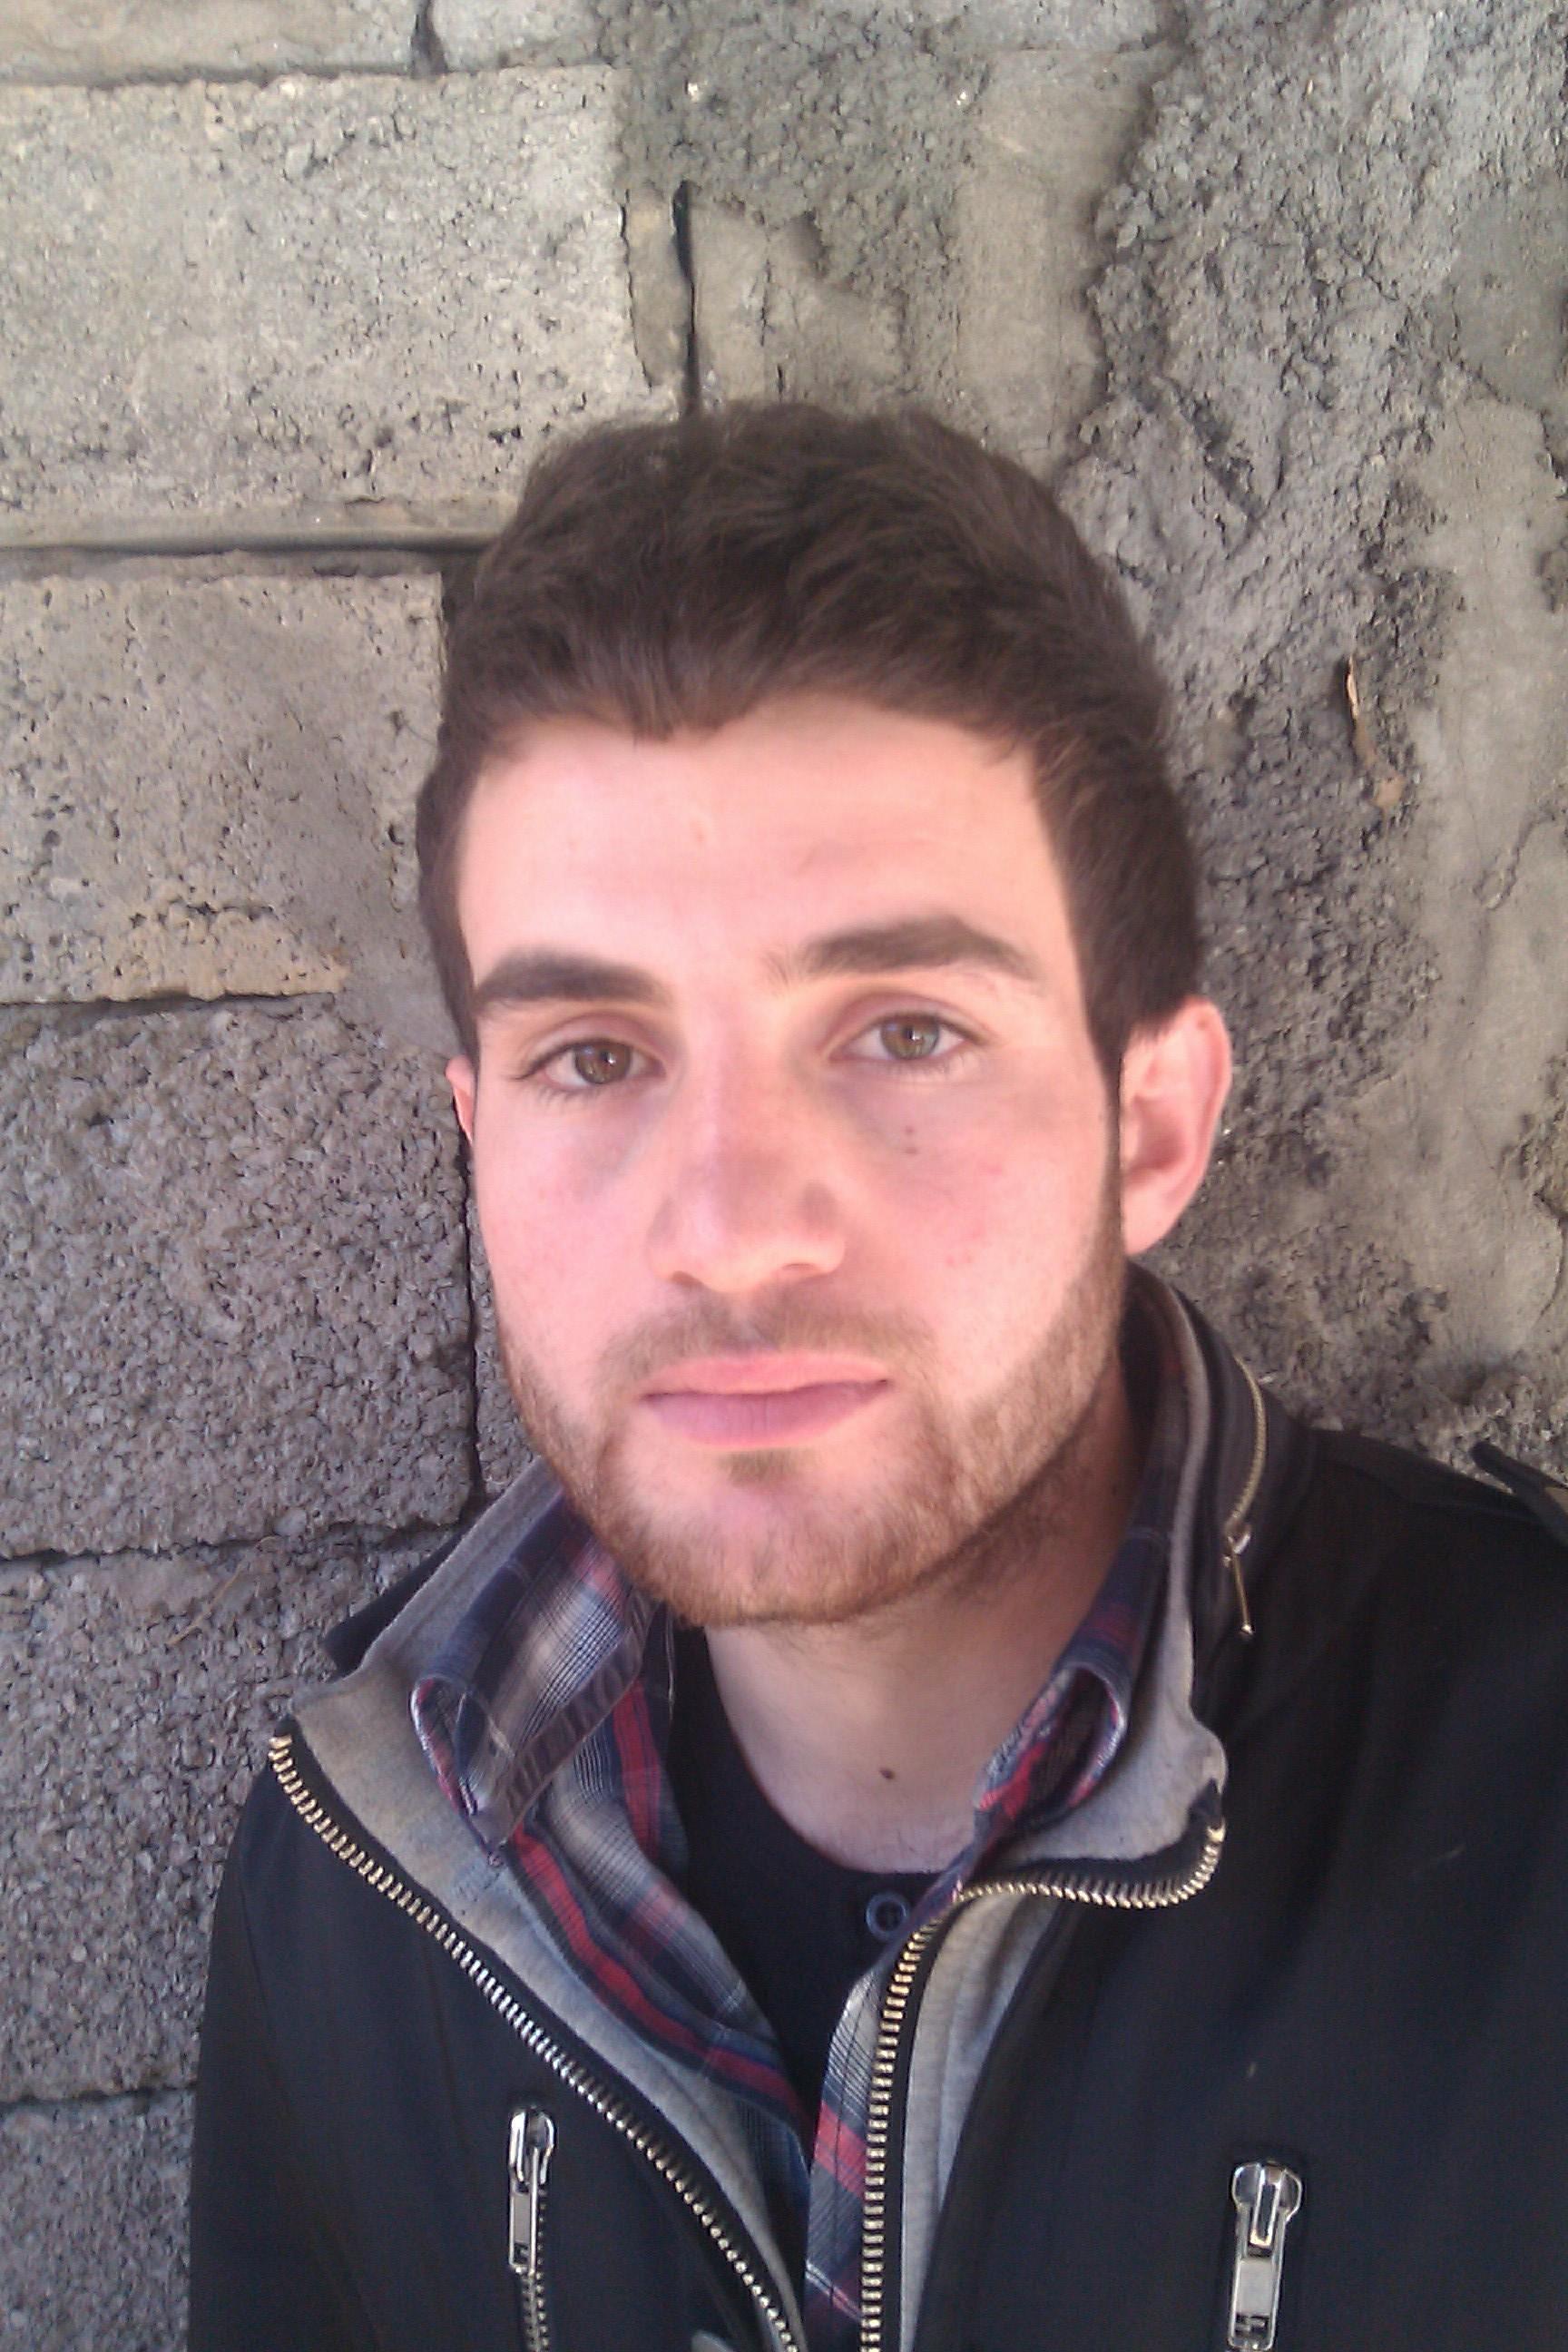 Kinderen in Zuidoost-Turkije: smokkelen om te overleven at Journalist in Turkije